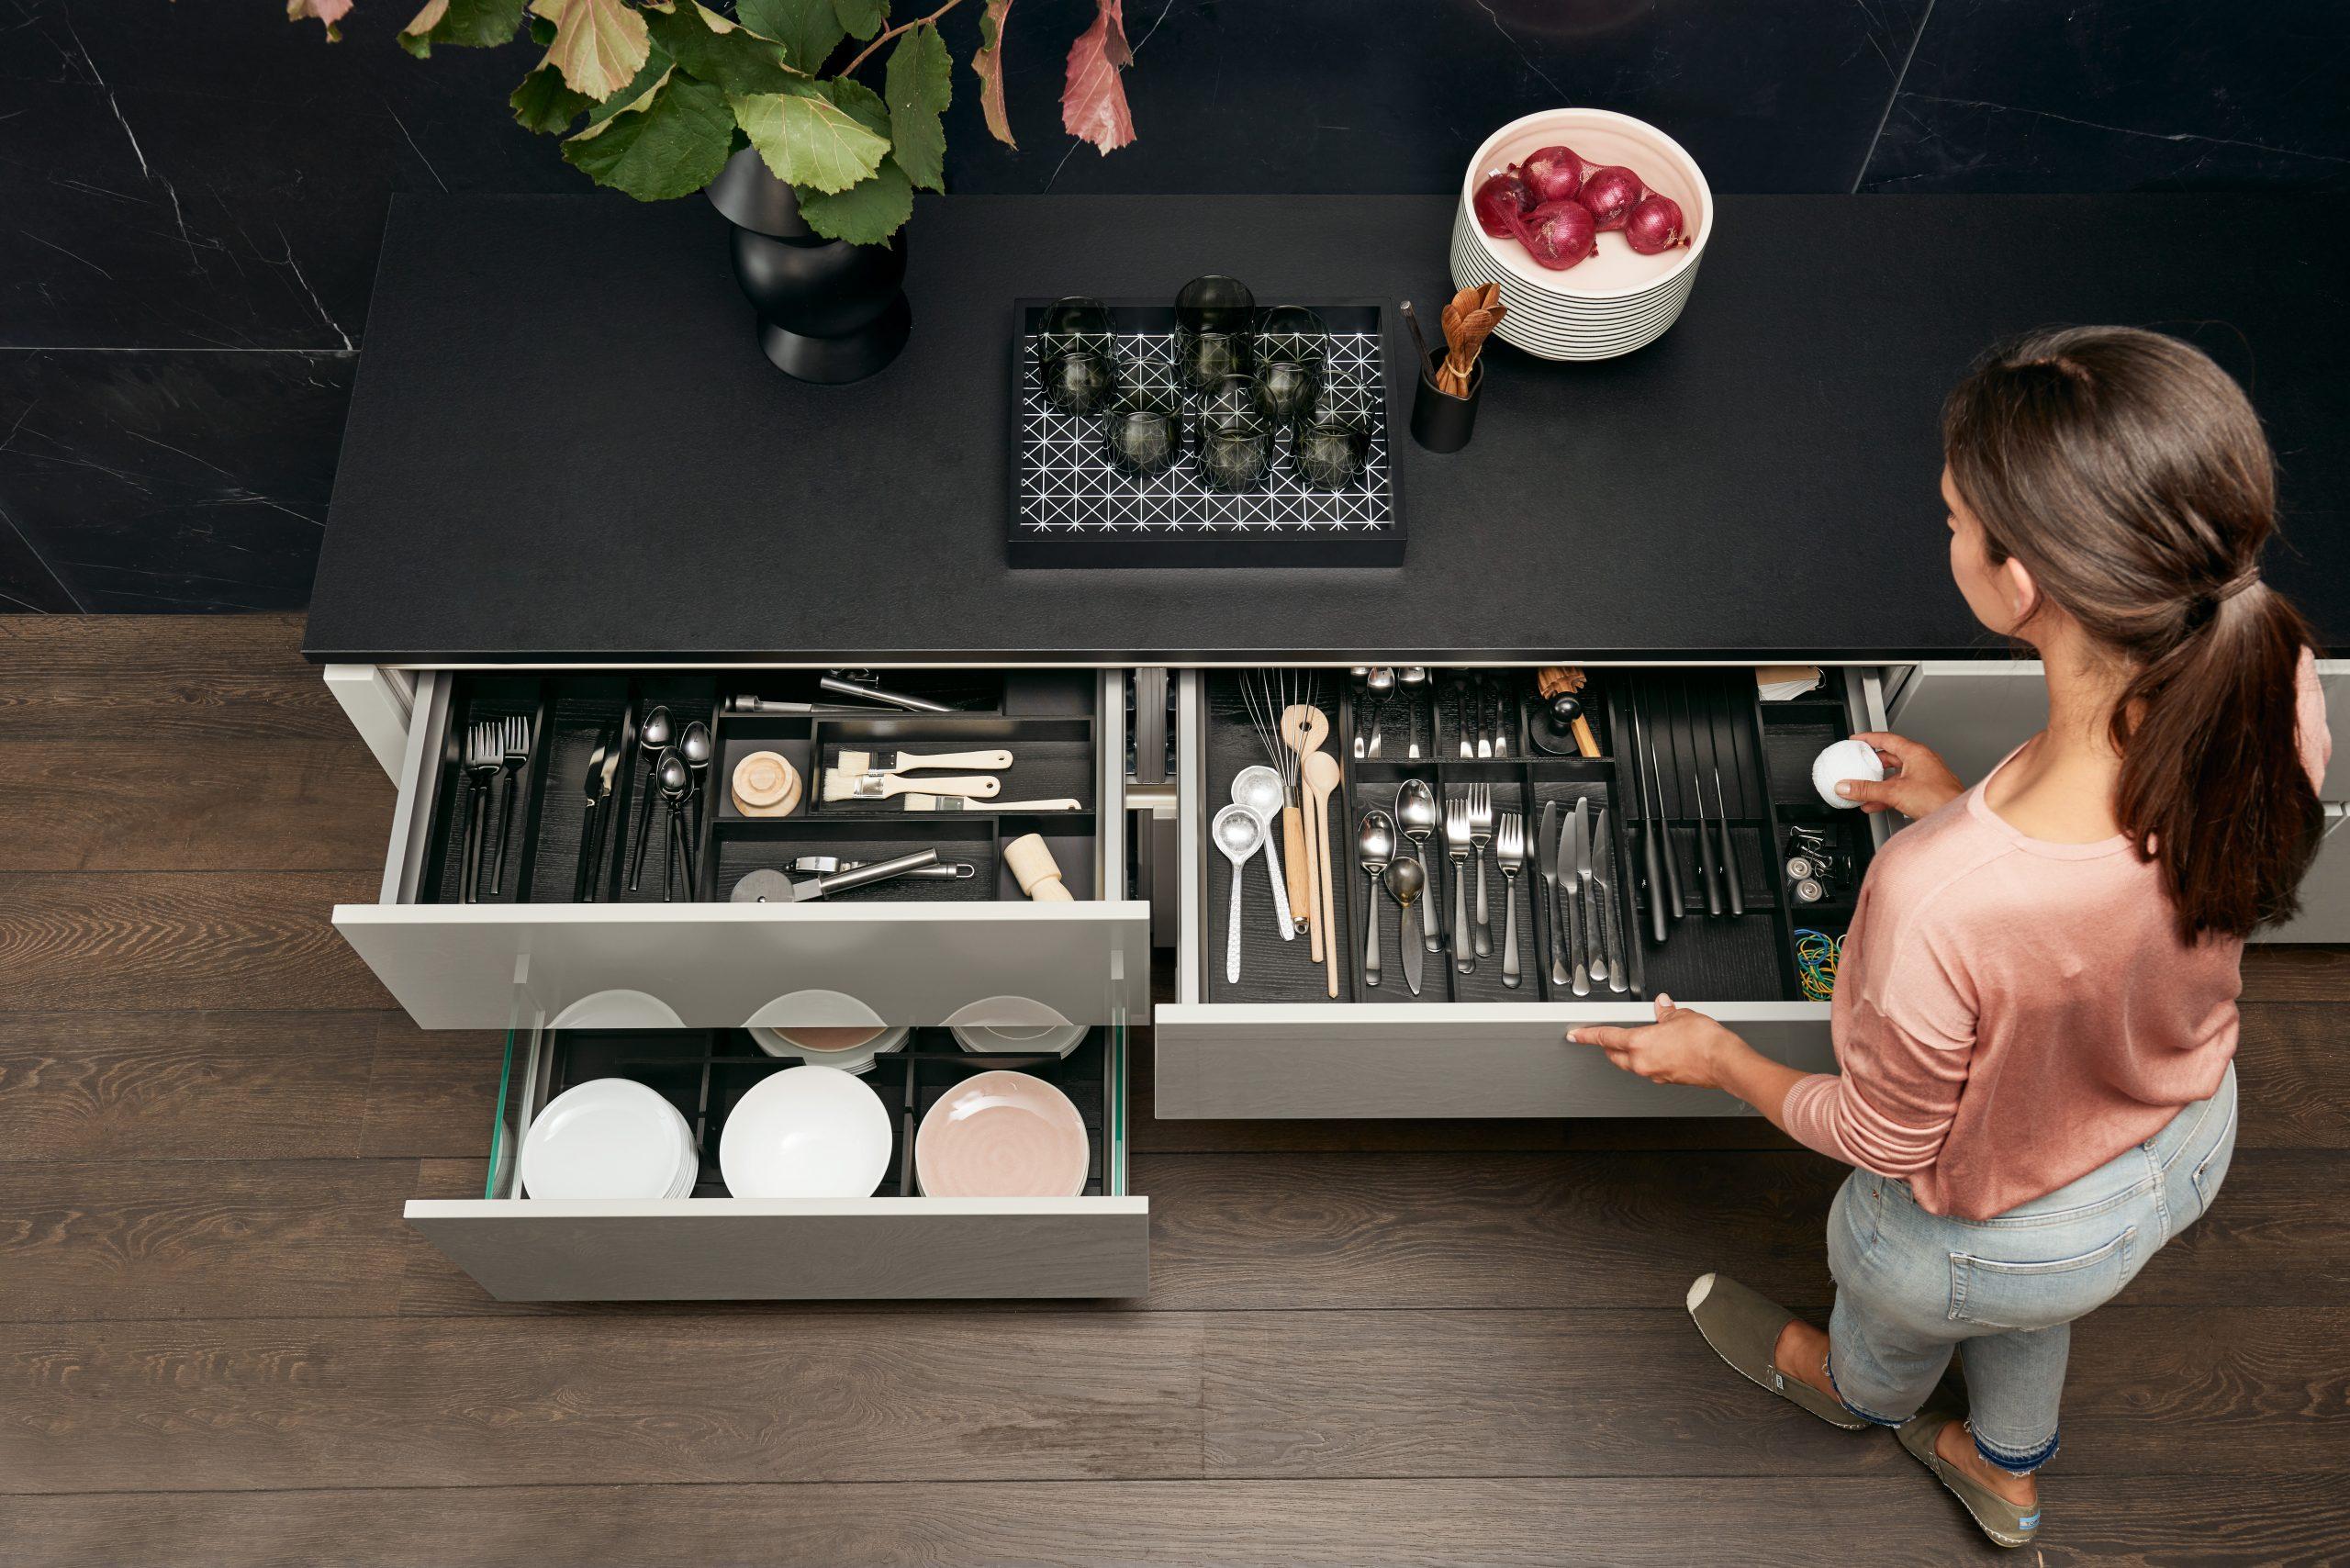 Ordnung im Küchenschrank mit Nolte Küchensystem